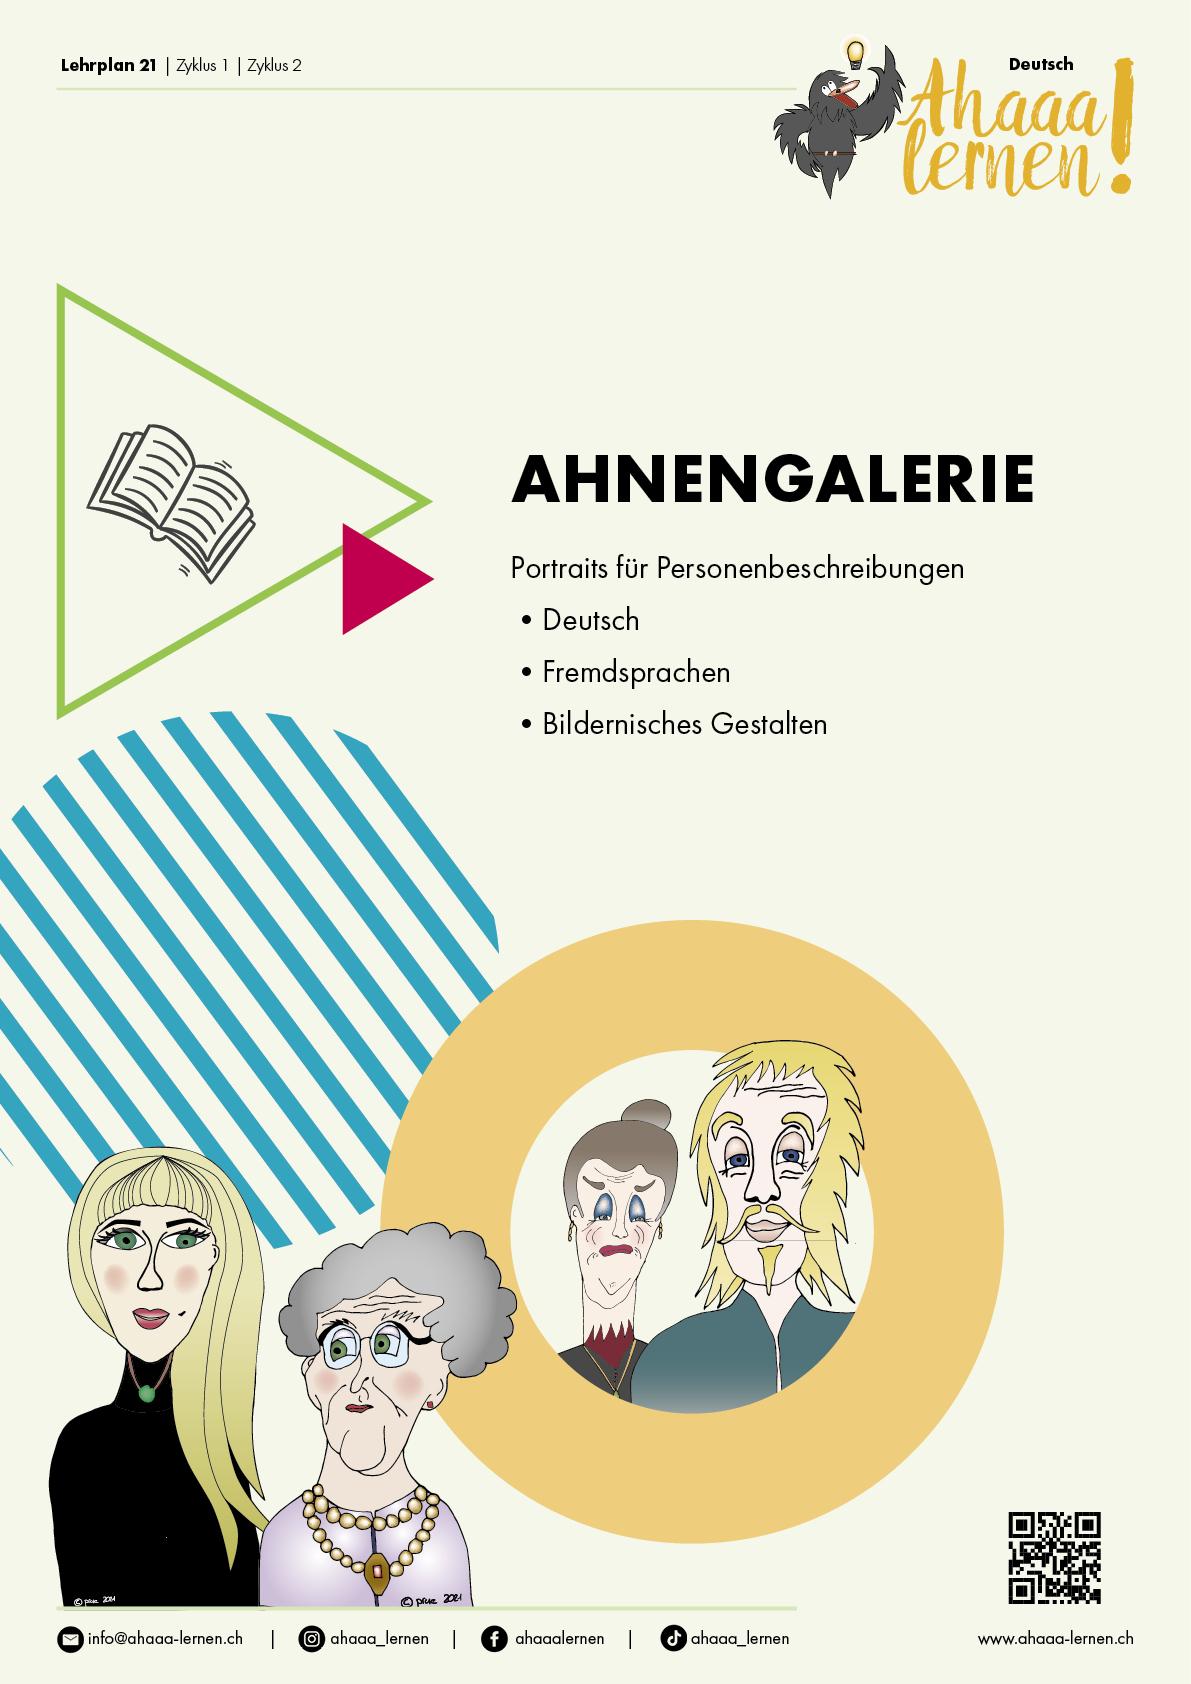 Ahaaa lernen | Ahnengalerie Unterrichtsmaterial | Lehrplan 21